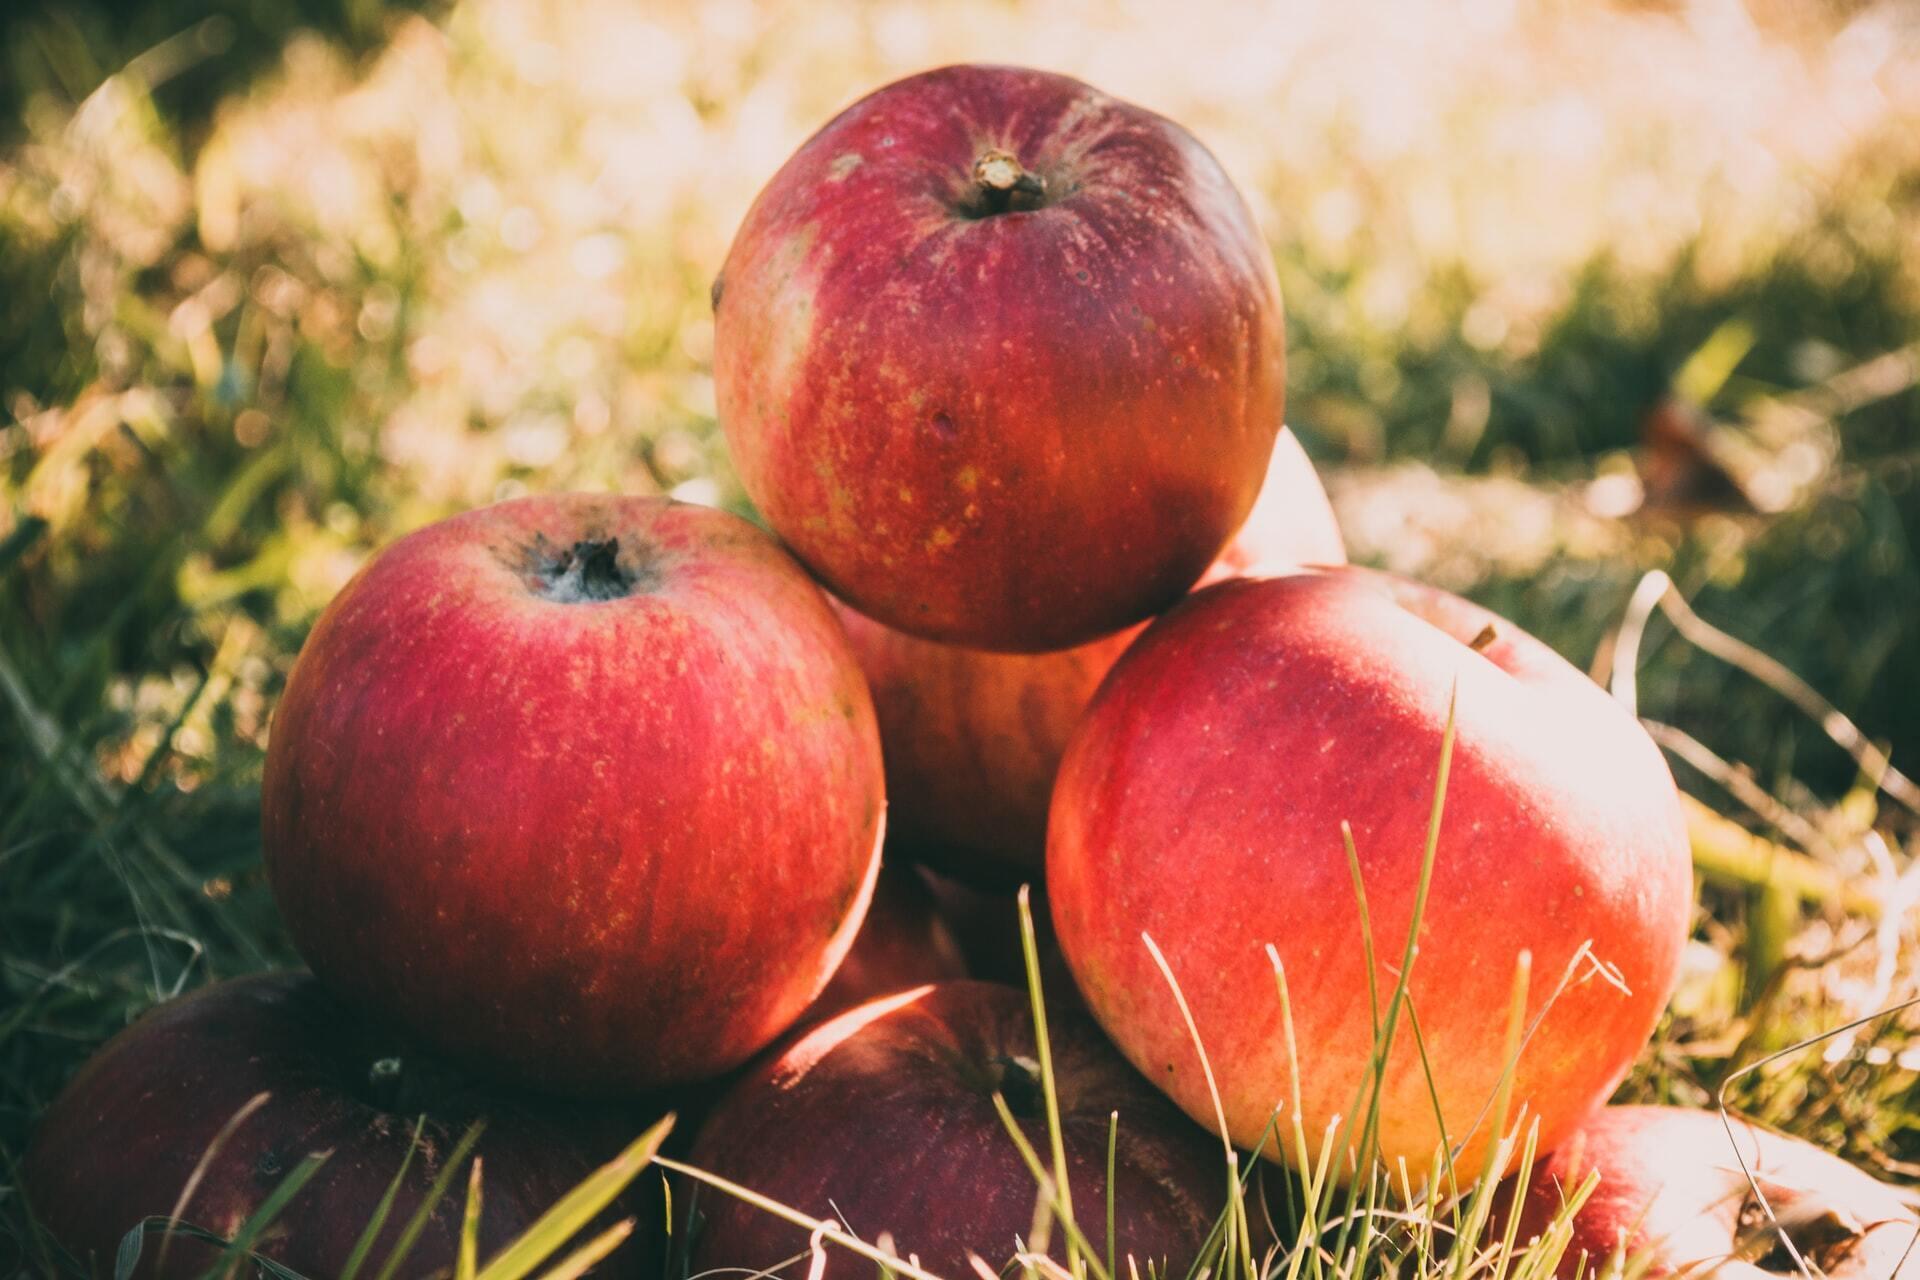 Яблоки – богатый источник пектина, который может быть полезен при воспалительных заболеваниях кишечника